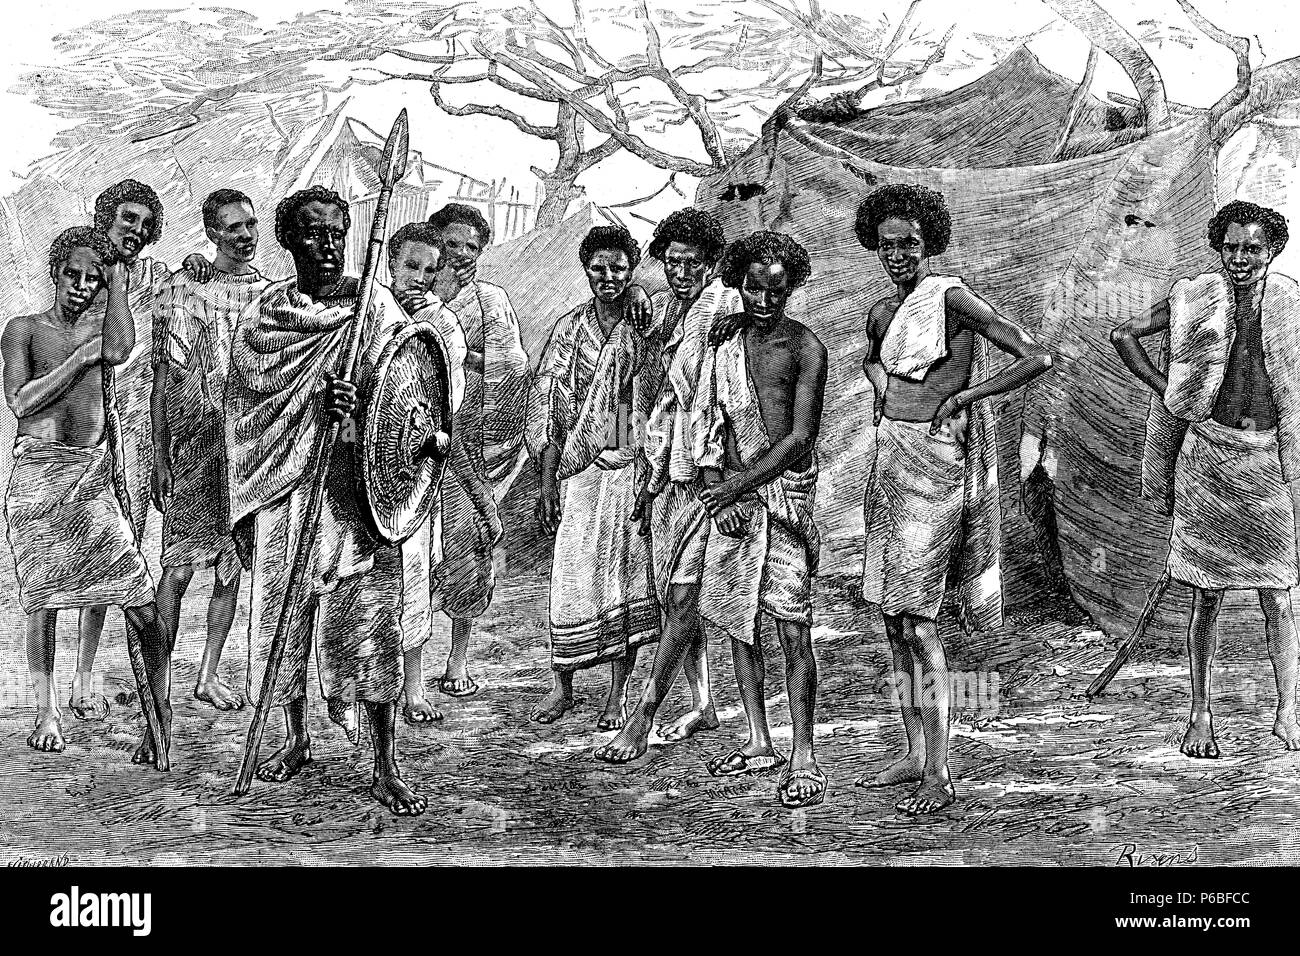 África. Abisinia. Grupo de hombres y guerreros Danakils. Grabado de 1892. - Stock Image